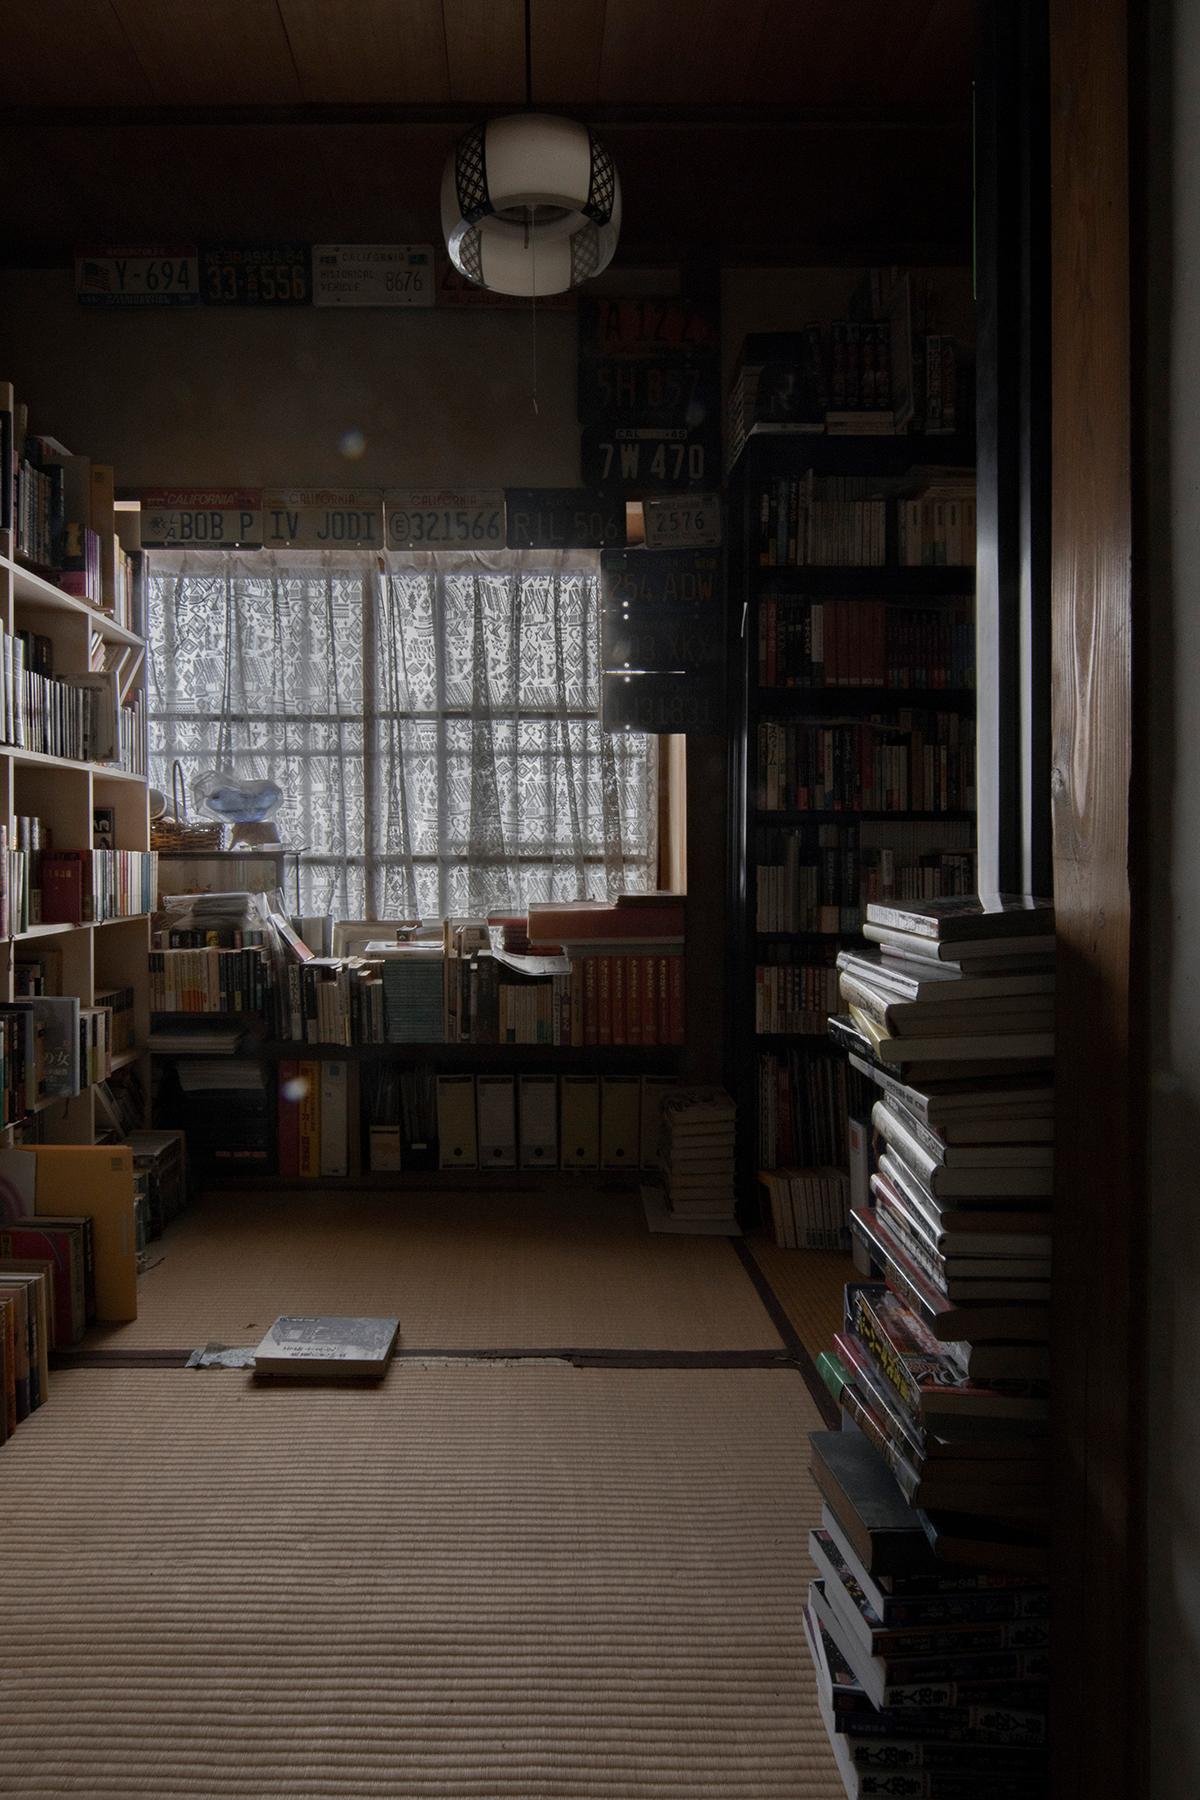 昭和の住まいの中に(その2) | 壁一面の本棚 奥行250mm / Shelf (No.83b) | マルゲリータ使用例